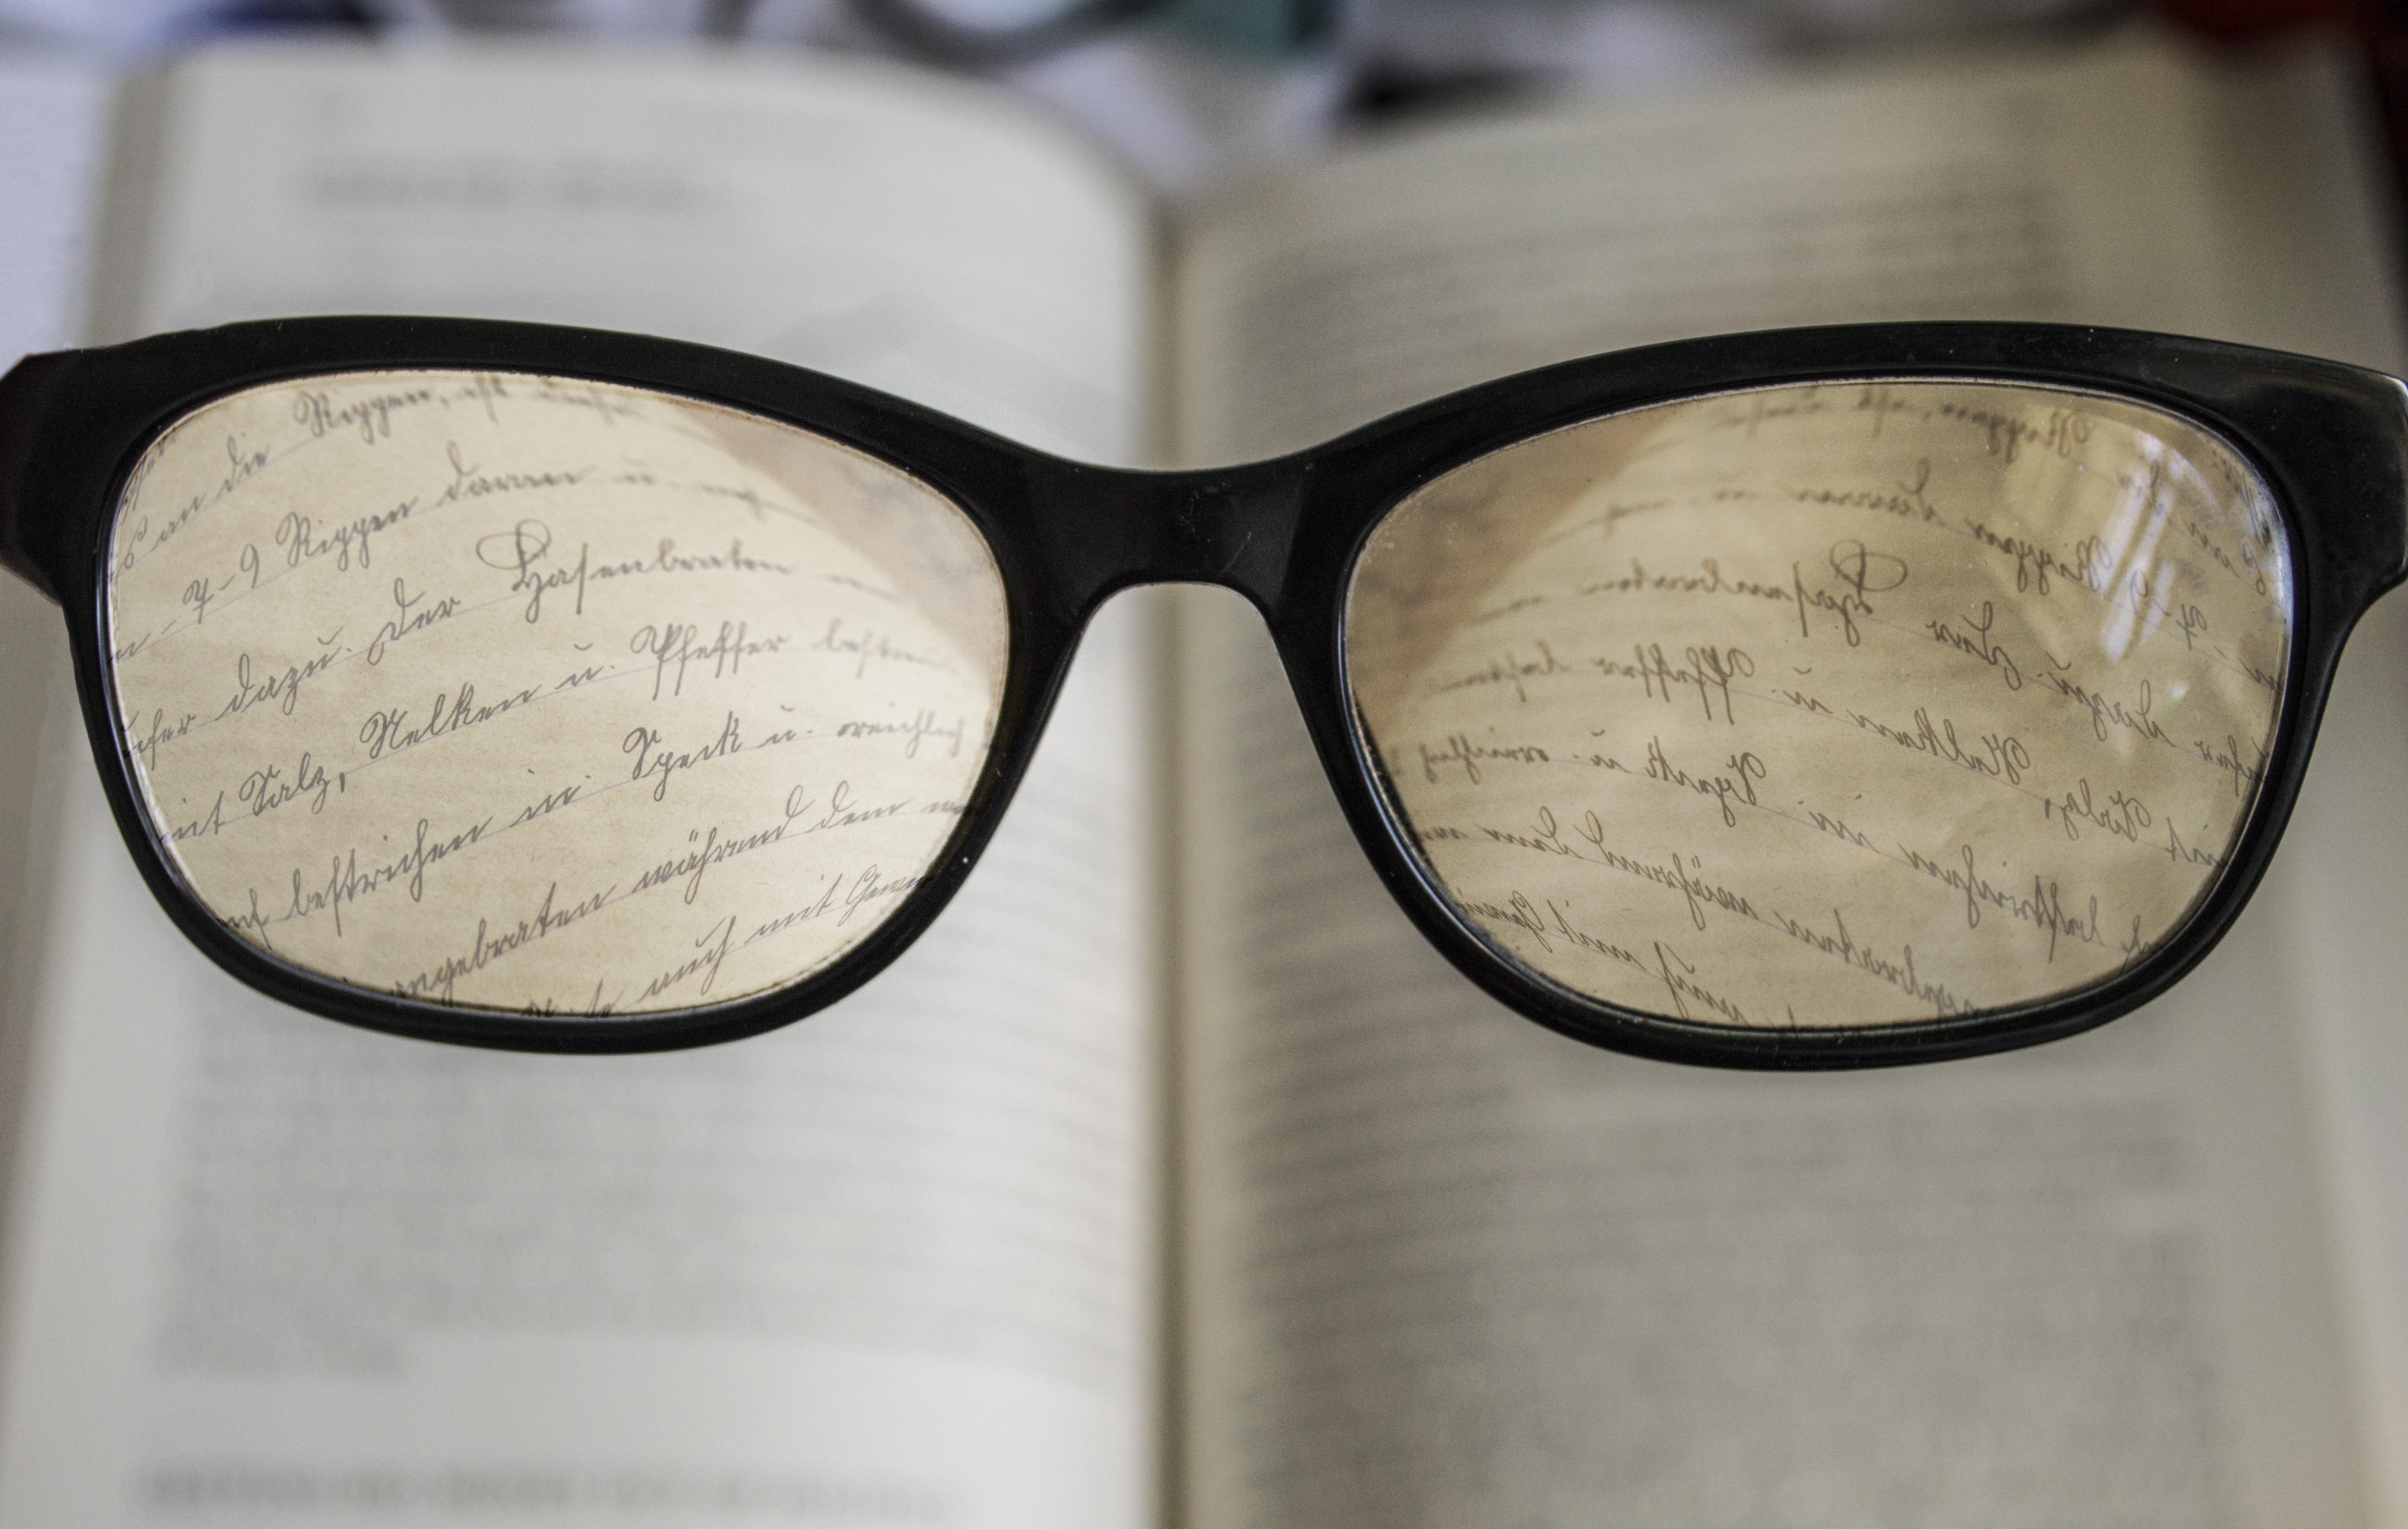 mi okozhatja a látás elvesztését videó online látásra